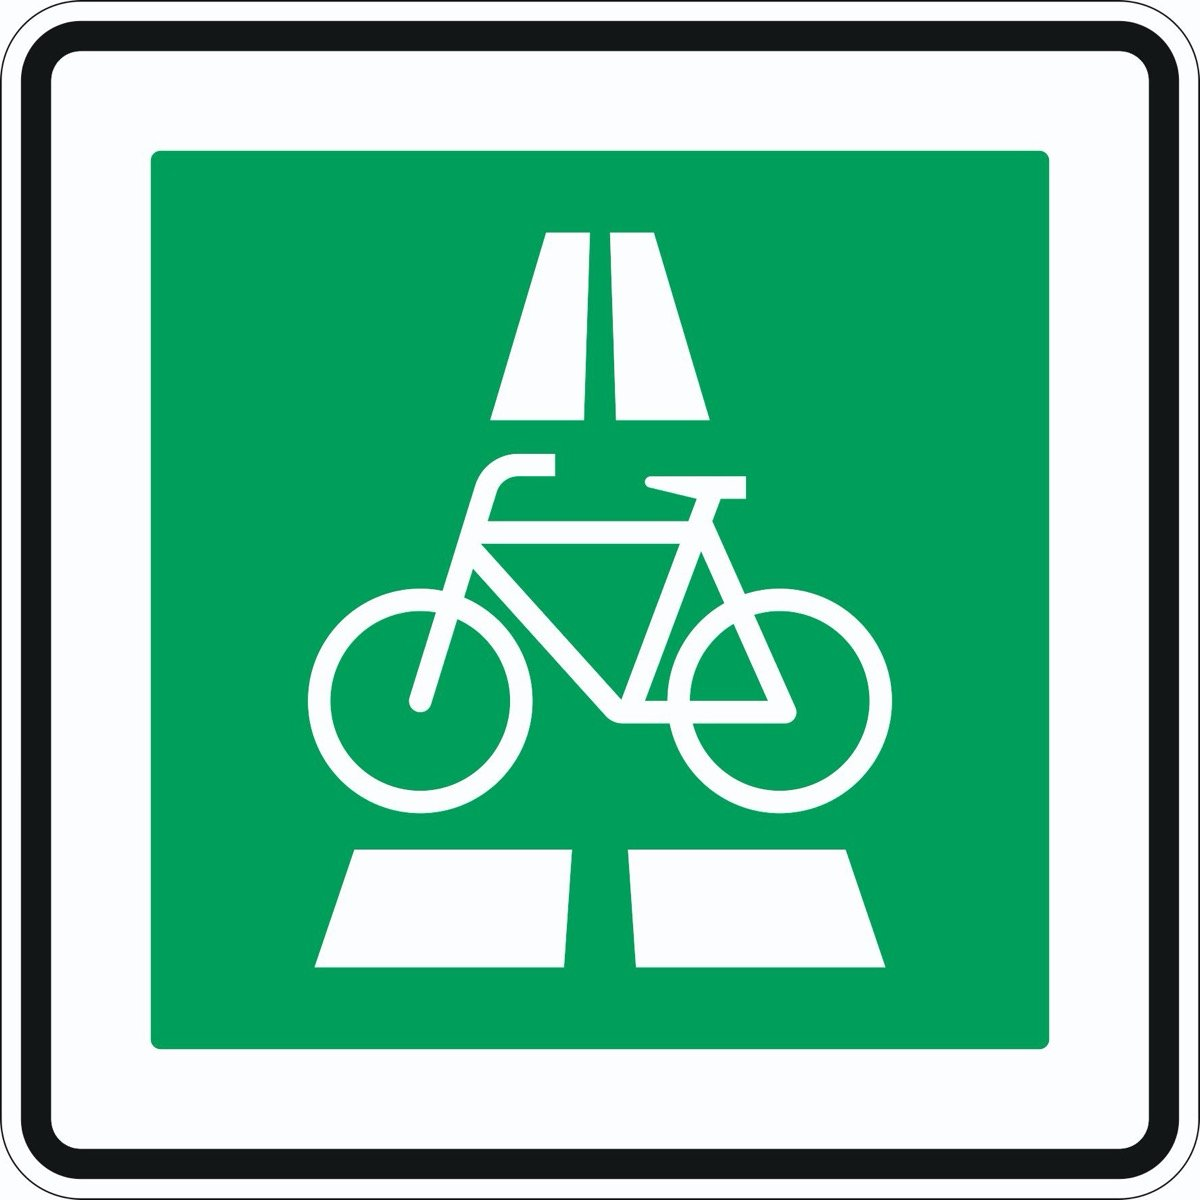 Radschnellwege Beginn